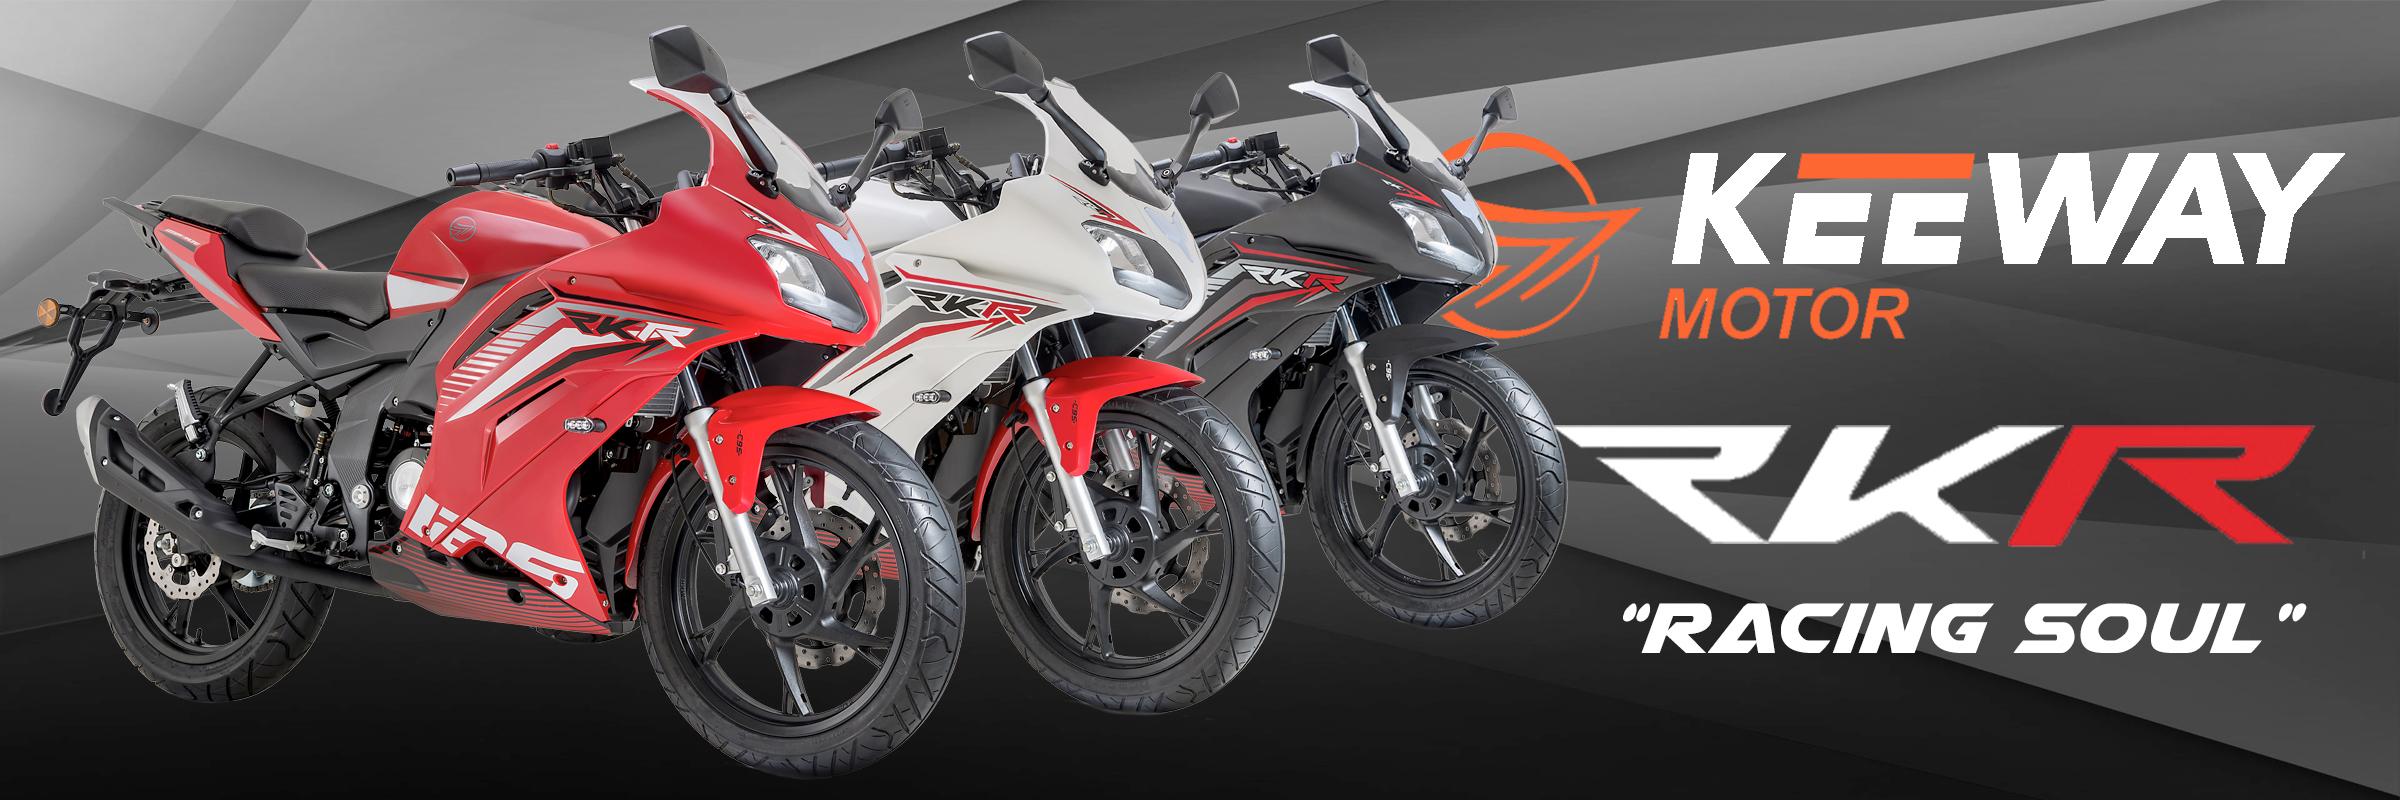 RKR 125 - Racing Soul